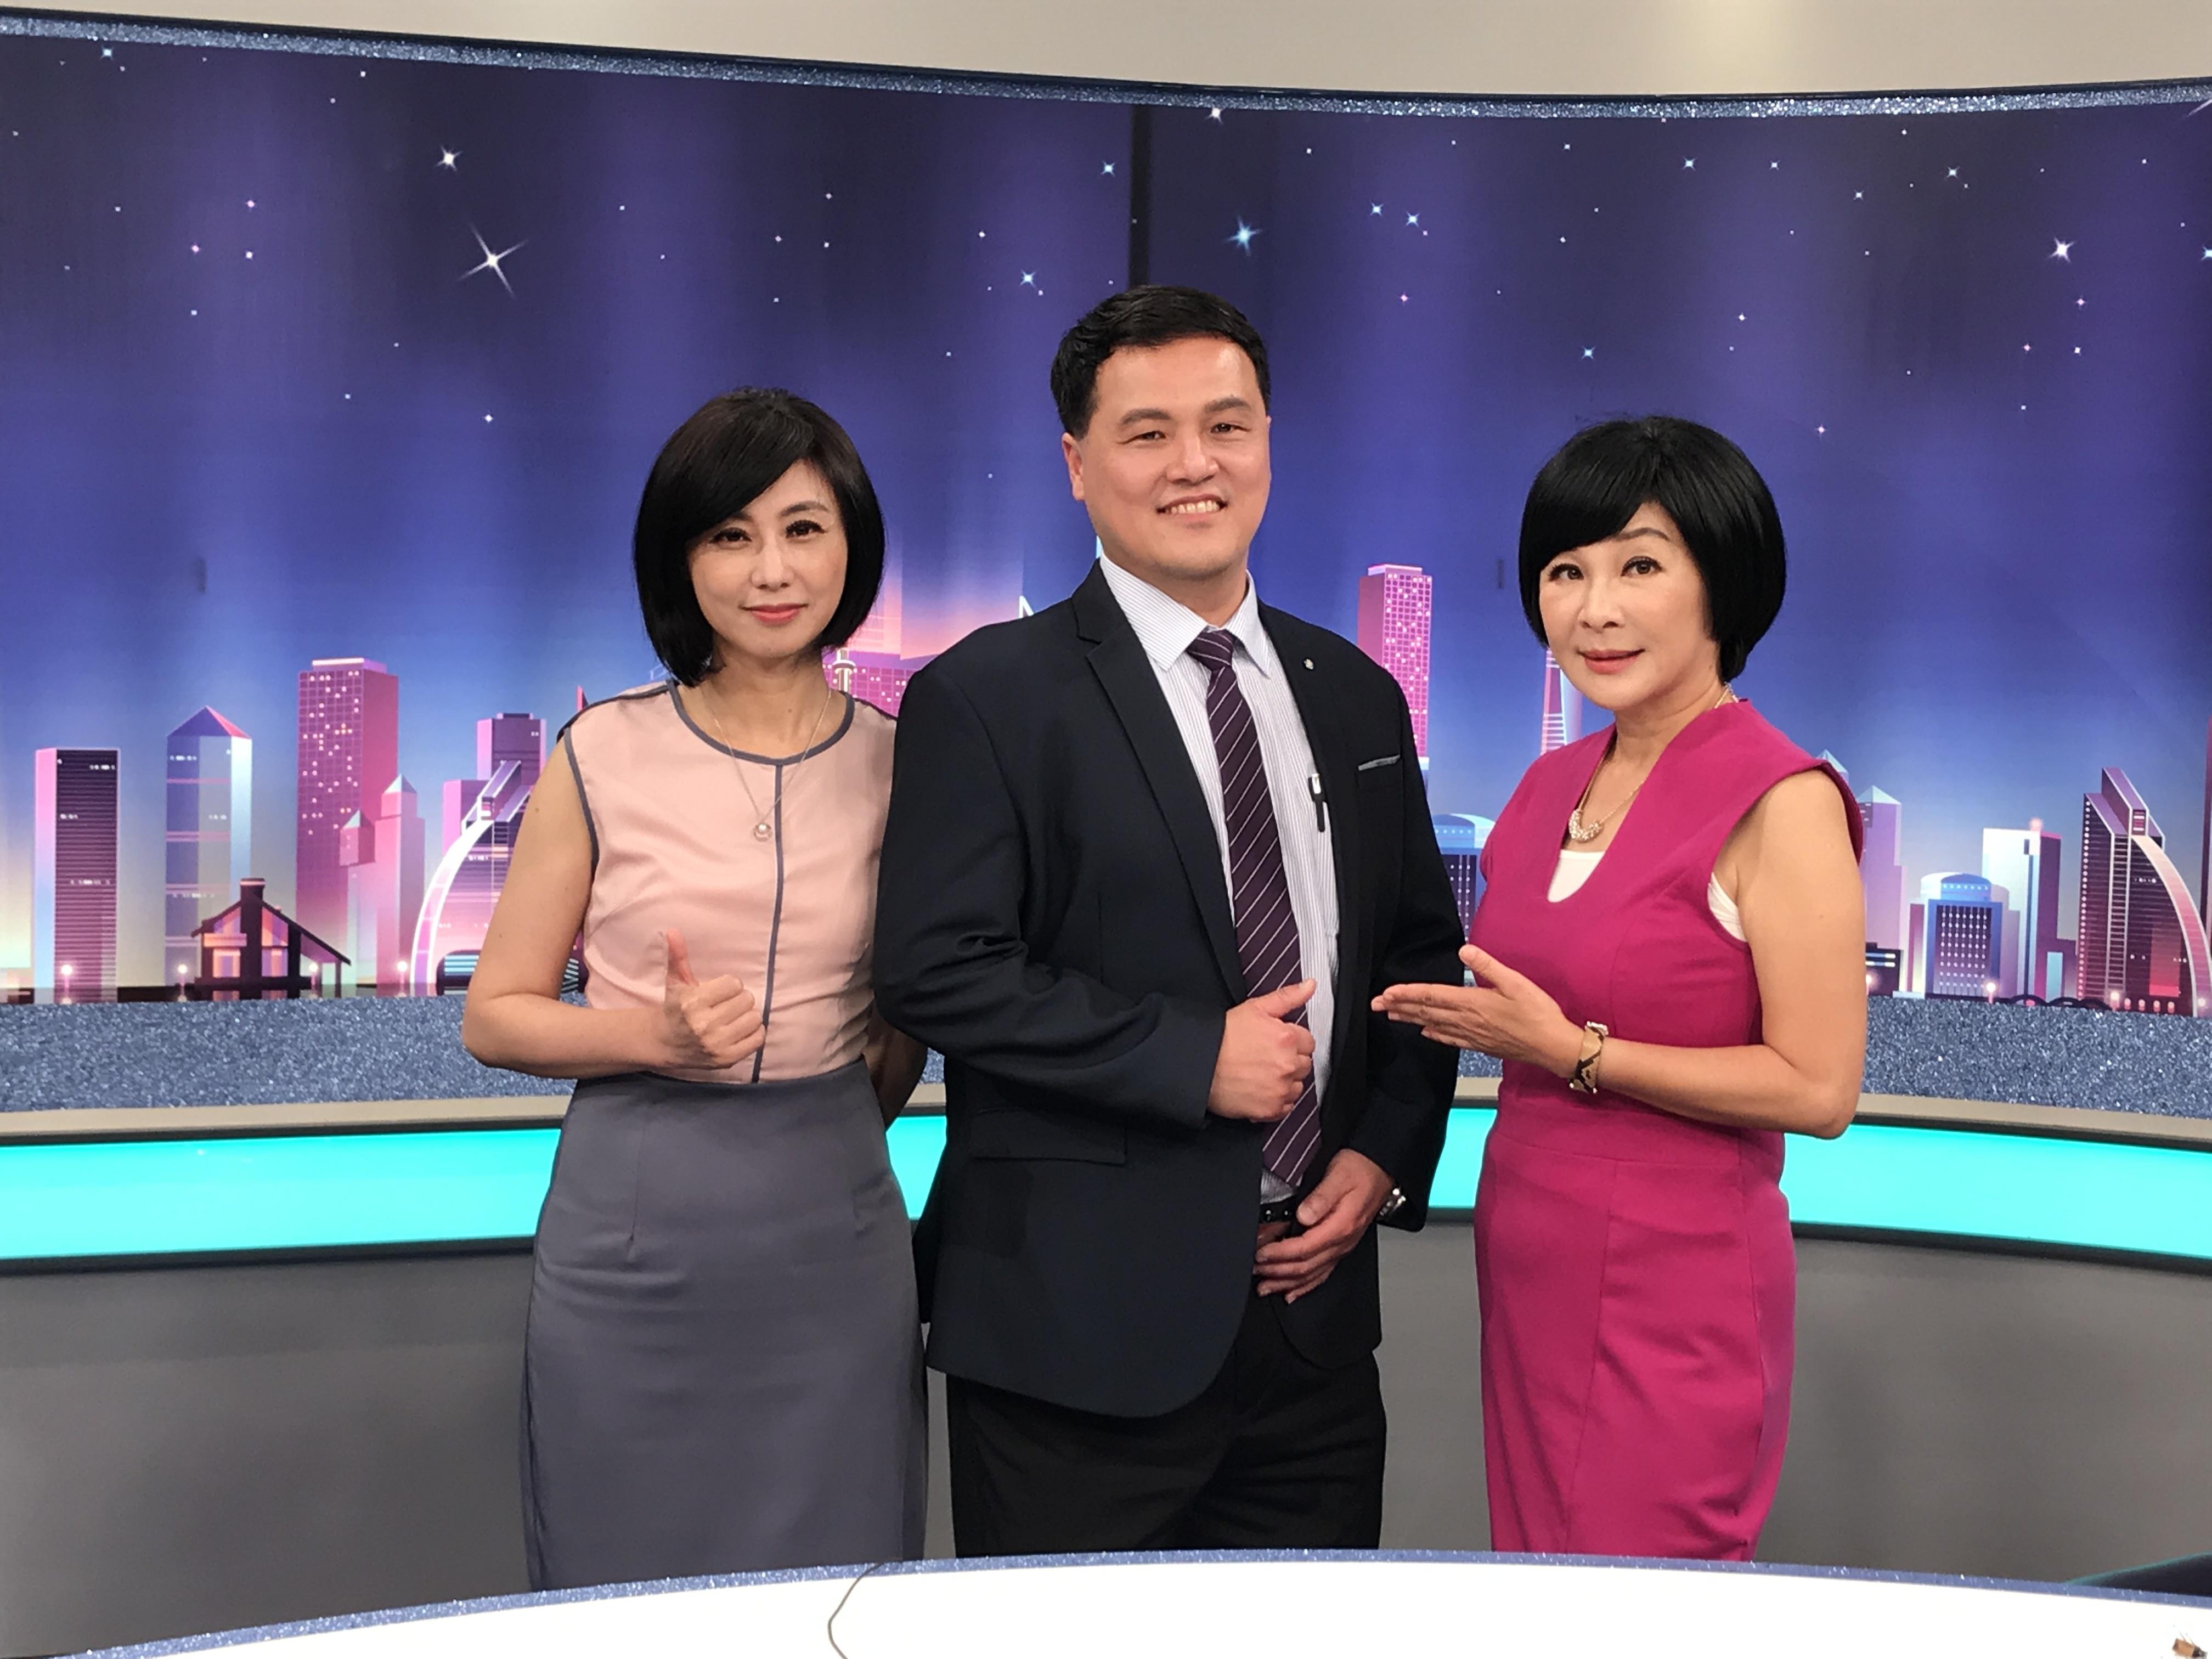 今晚好好說 - 與婦產科醫師王樂明聊少子化 精彩劇照